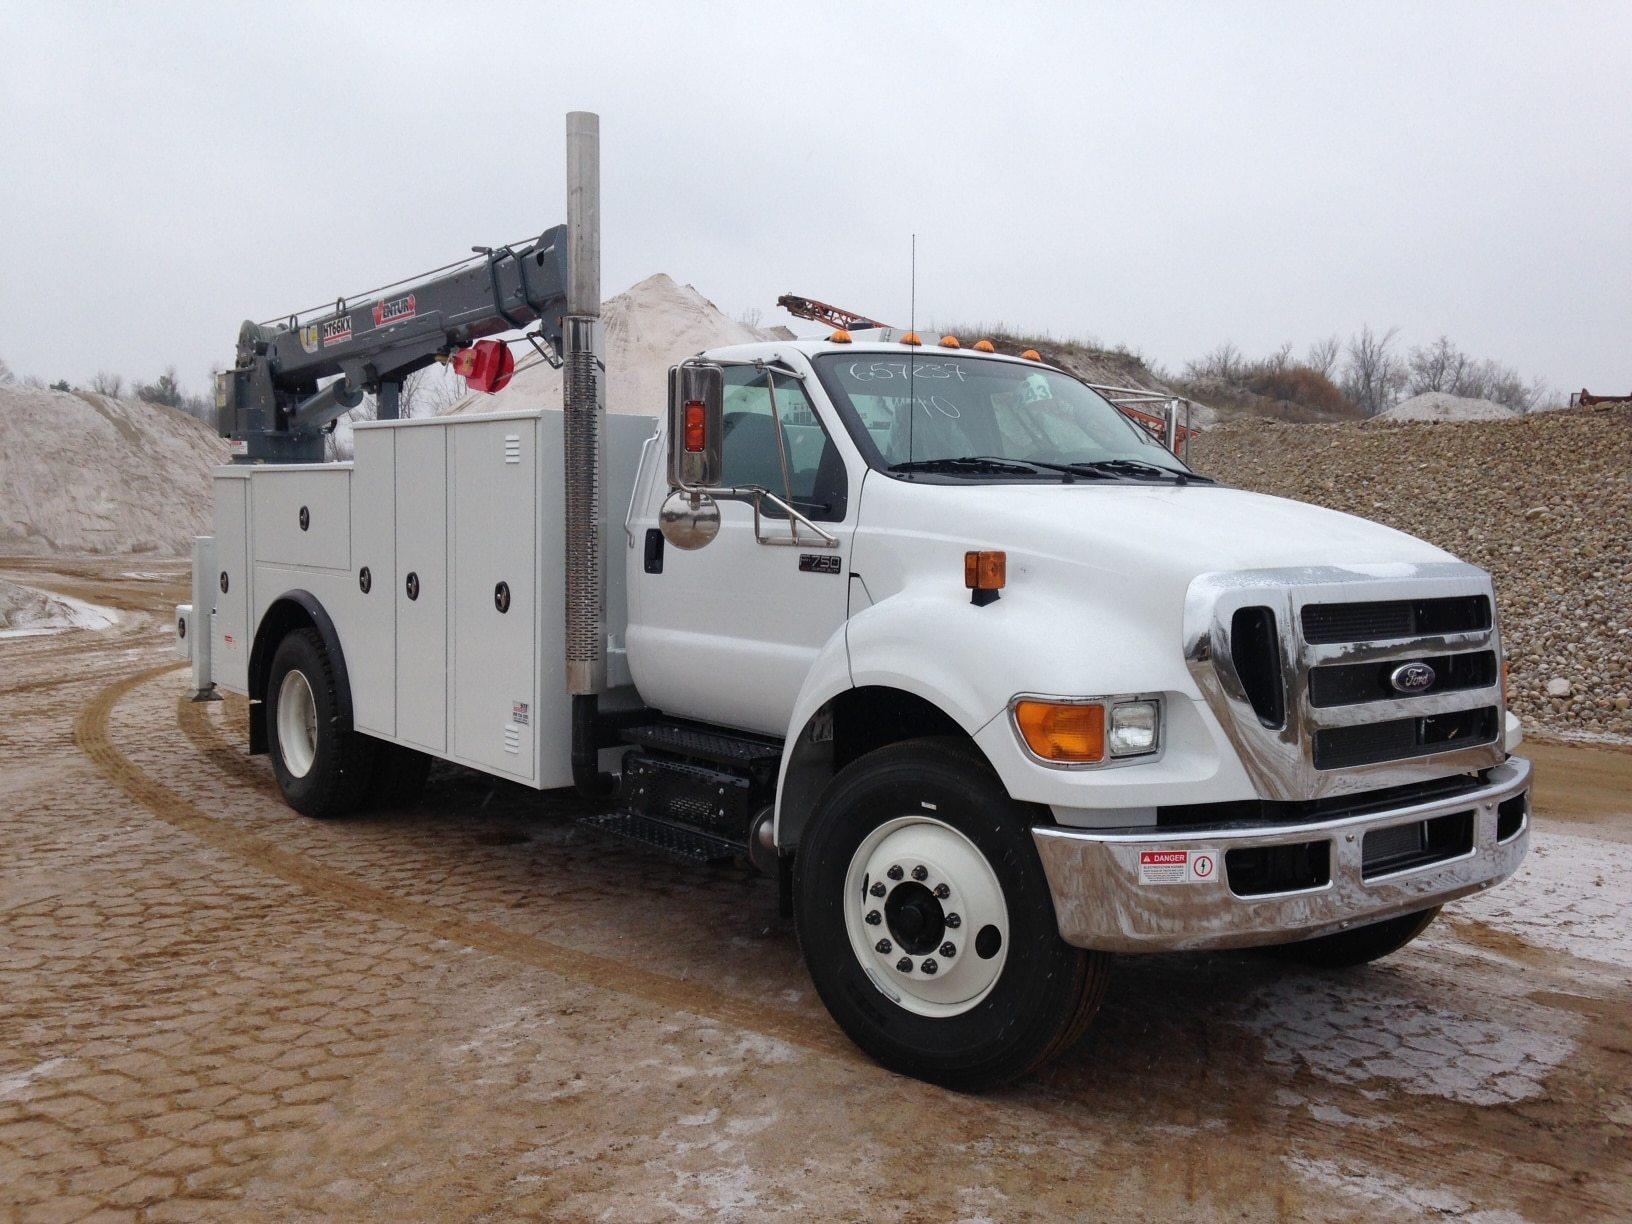 2015 F-750 Service Truck HT66KX